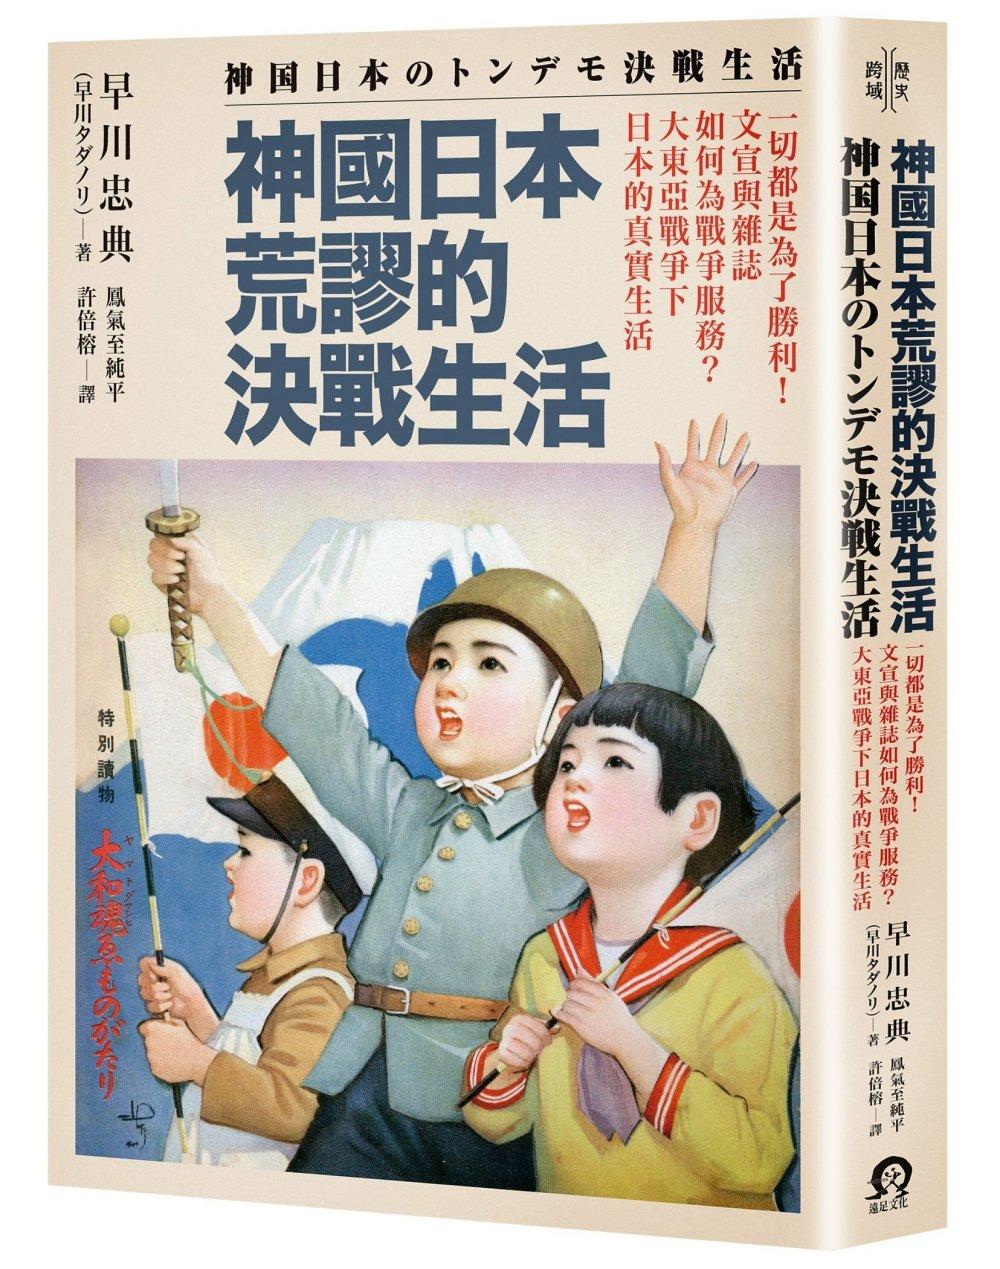 ◤博客來BOOKS◢ 暢銷書榜《推薦》神國日本荒謬的決戰生活:一切都是為了勝利!文宣與雜誌如何為戰爭服務?大東亞戰爭下日本的真實生活